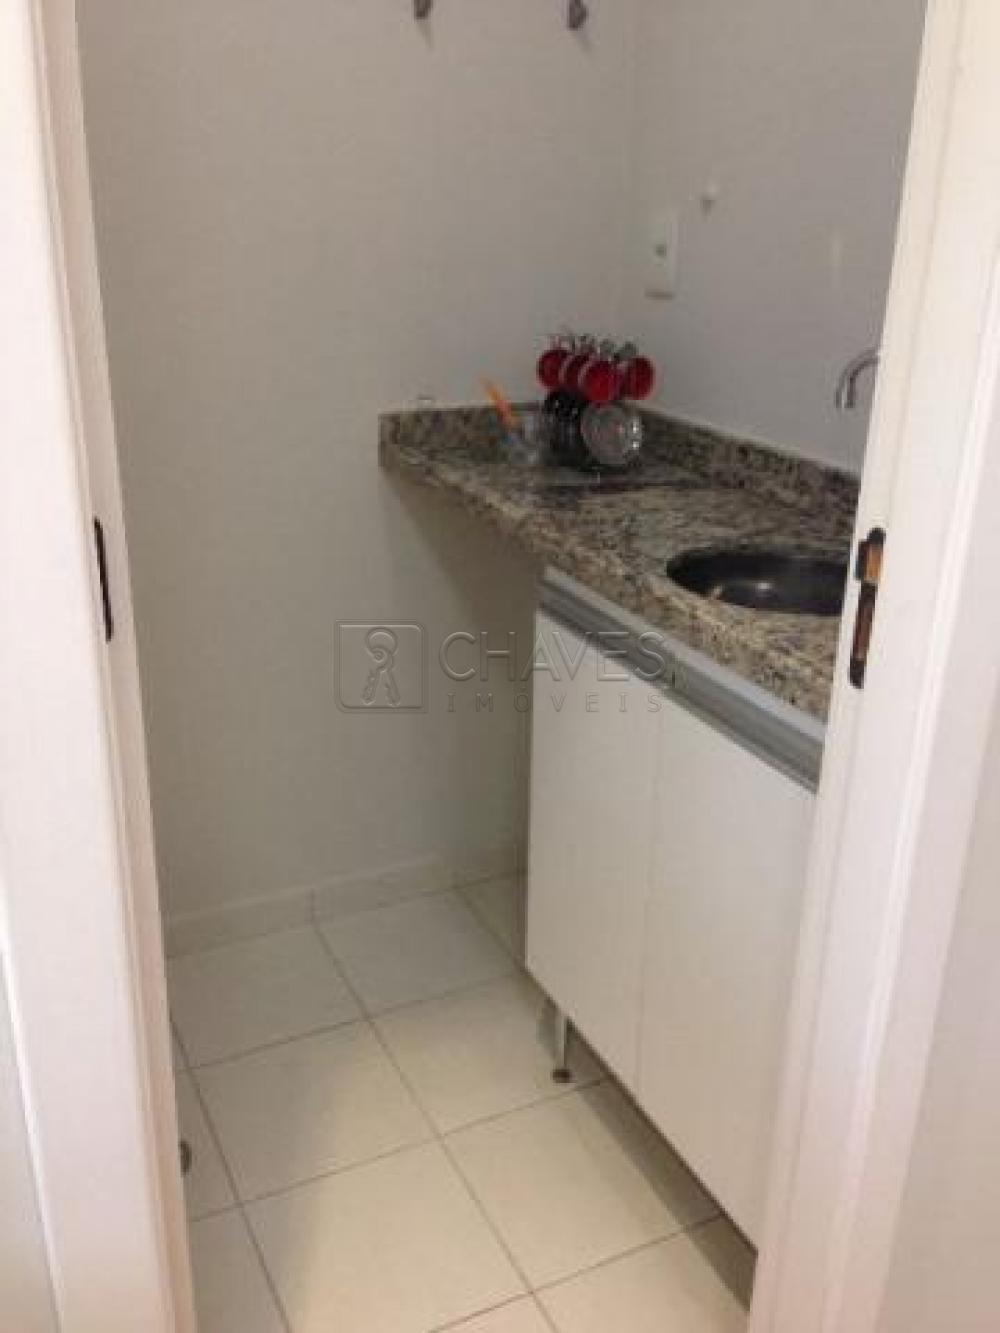 Alugar Comercial / Sala em Ribeirão Preto apenas R$ 1.600,00 - Foto 11